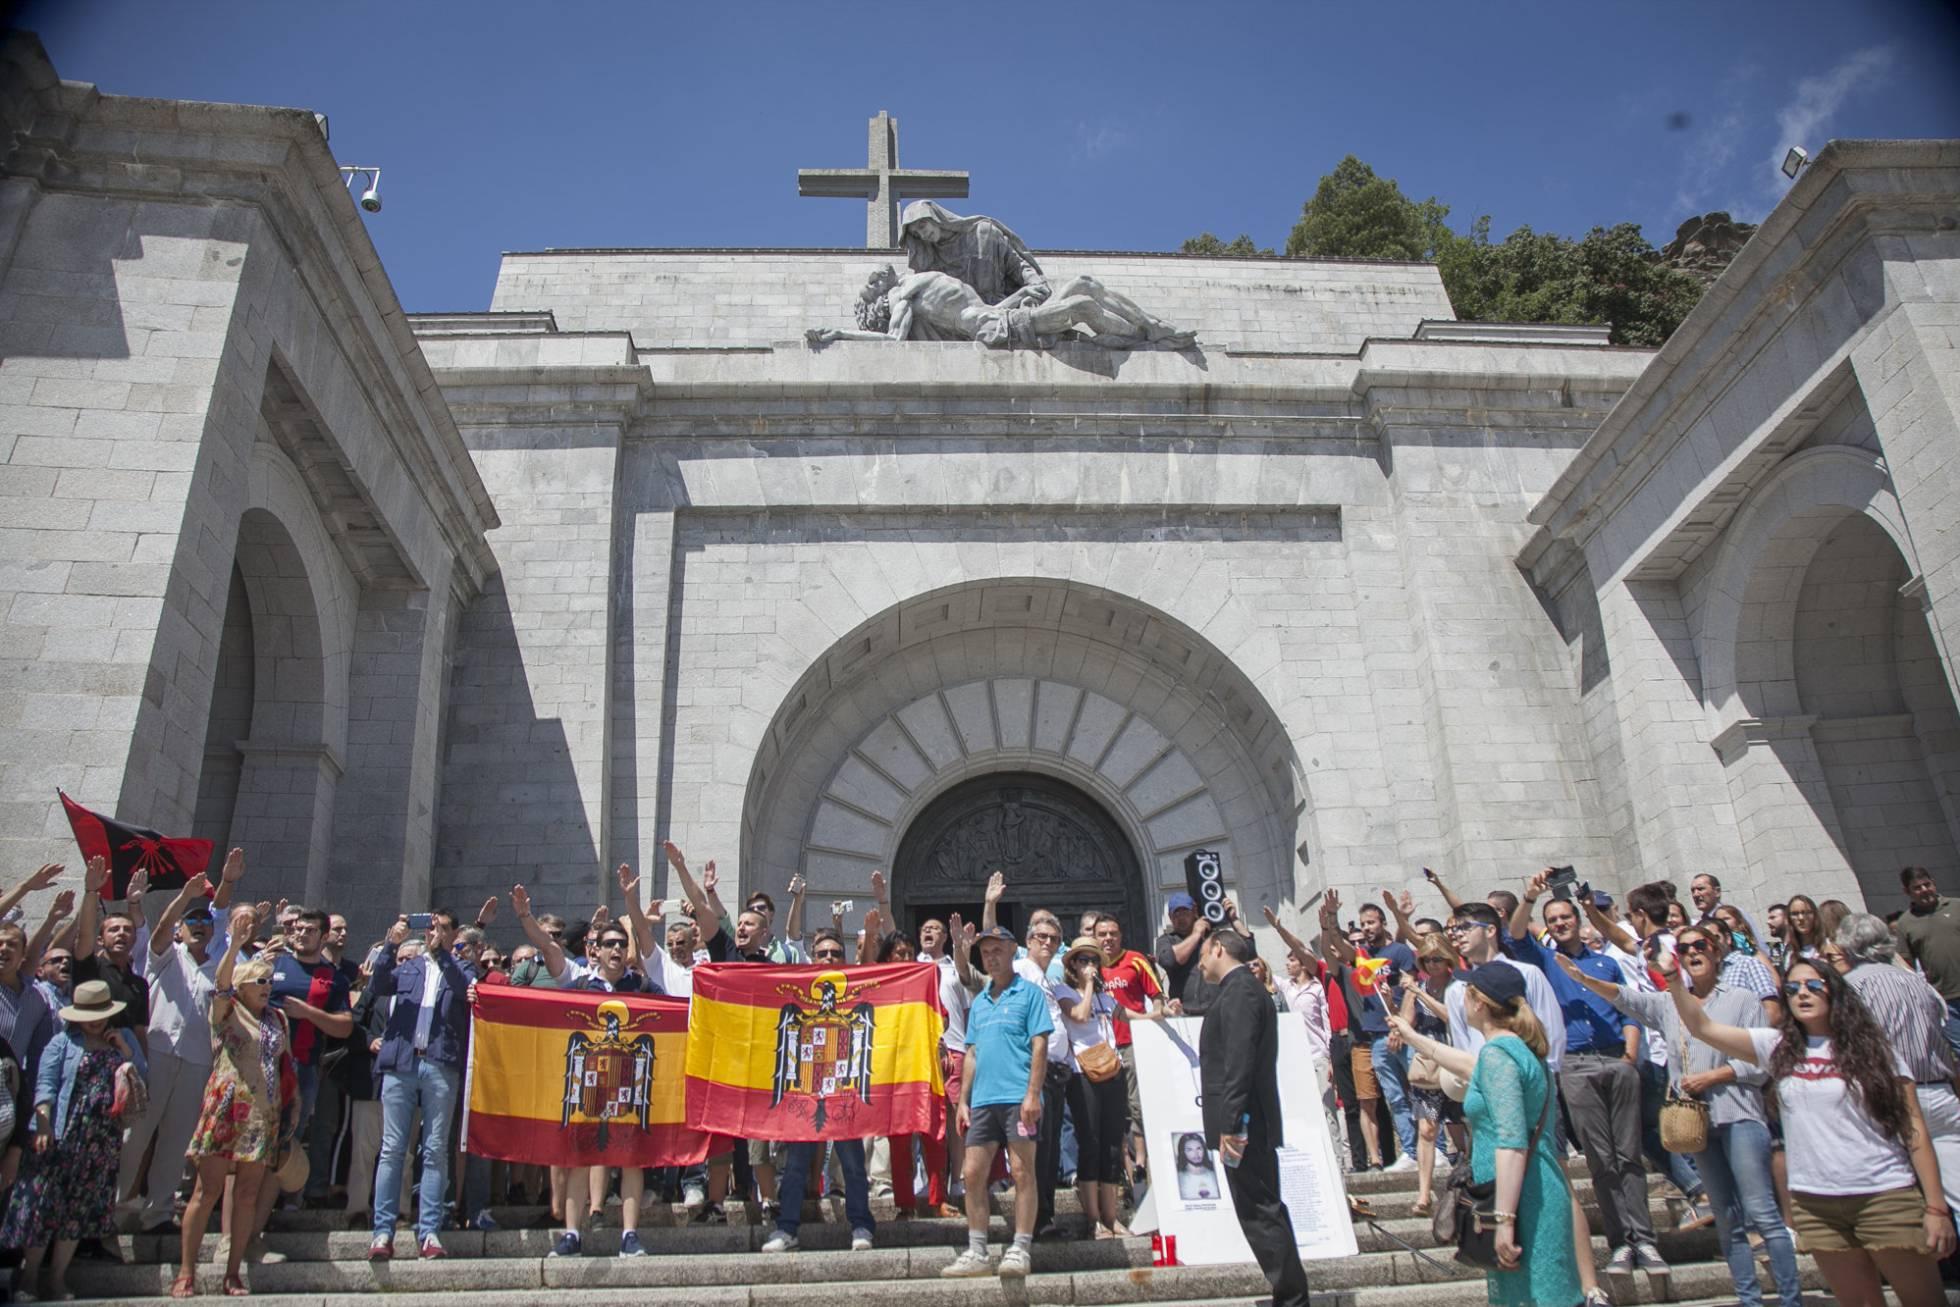 El imparable hundimiento del Valle de los Caídos (¡¡¡You Shall Not Pass!!!) - Página 9 1531652957_300595_1531666940_album_normal_recorte1